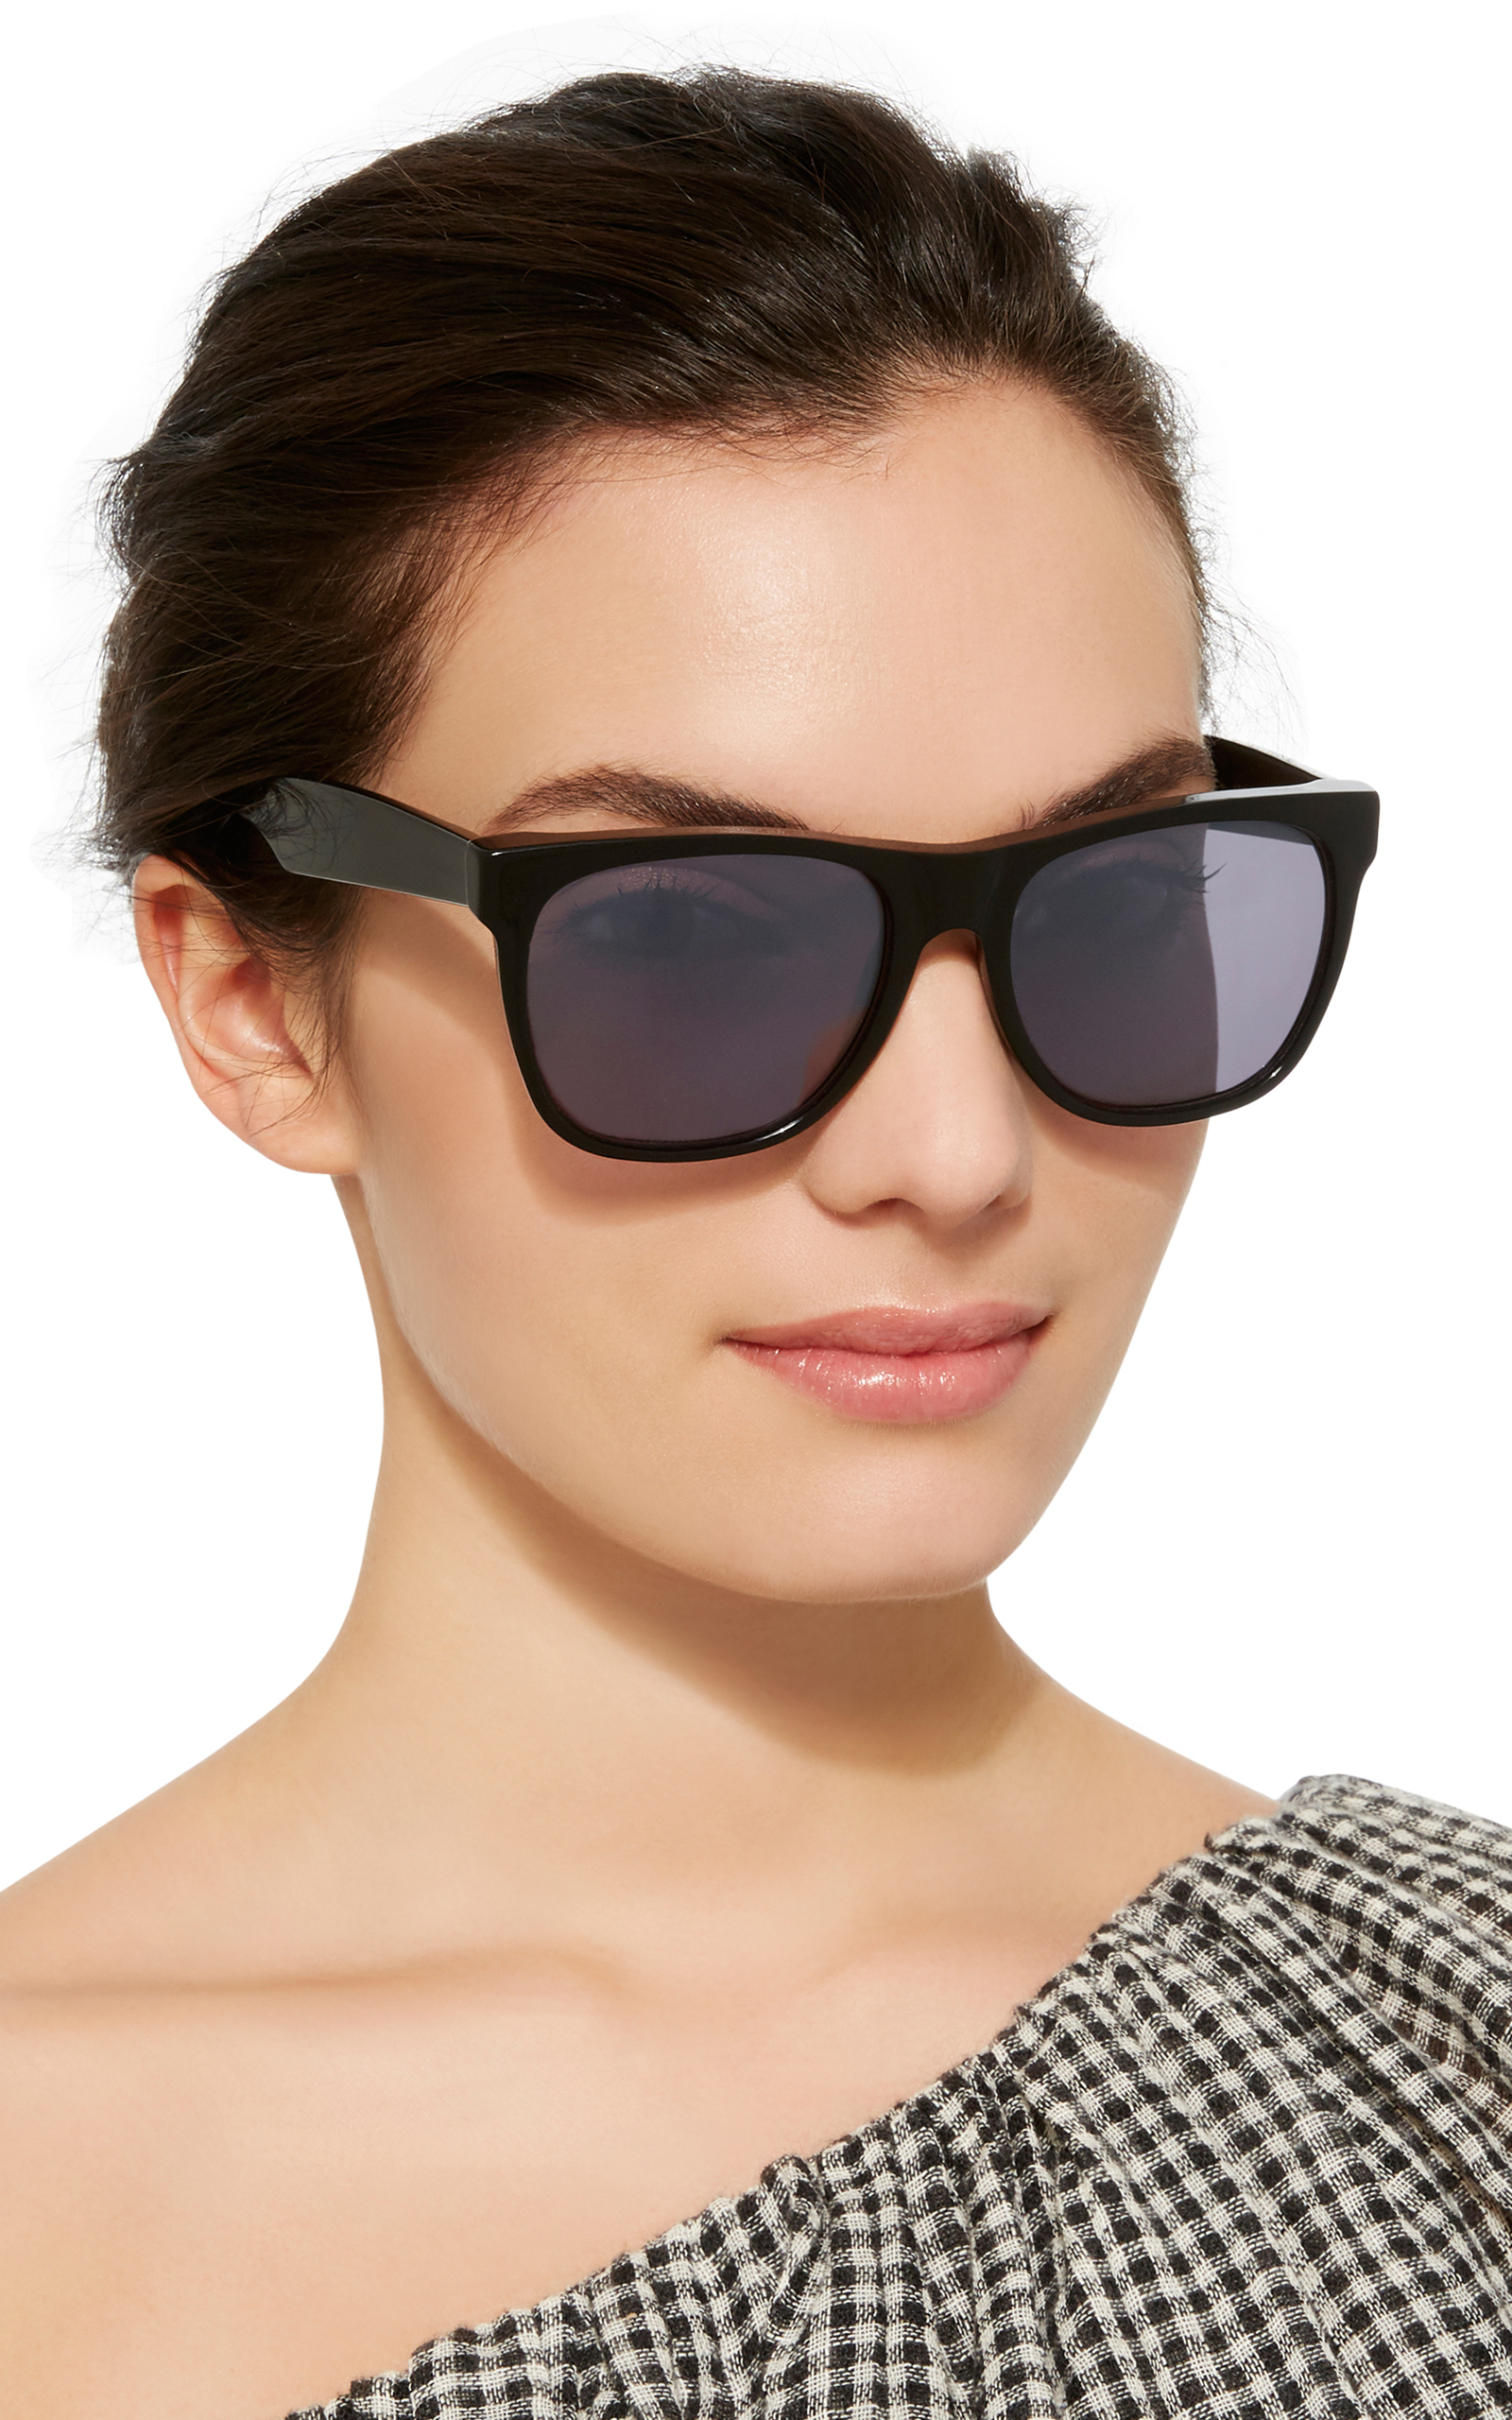 Classic black acetate sunglasses Retro Superfuture d725k